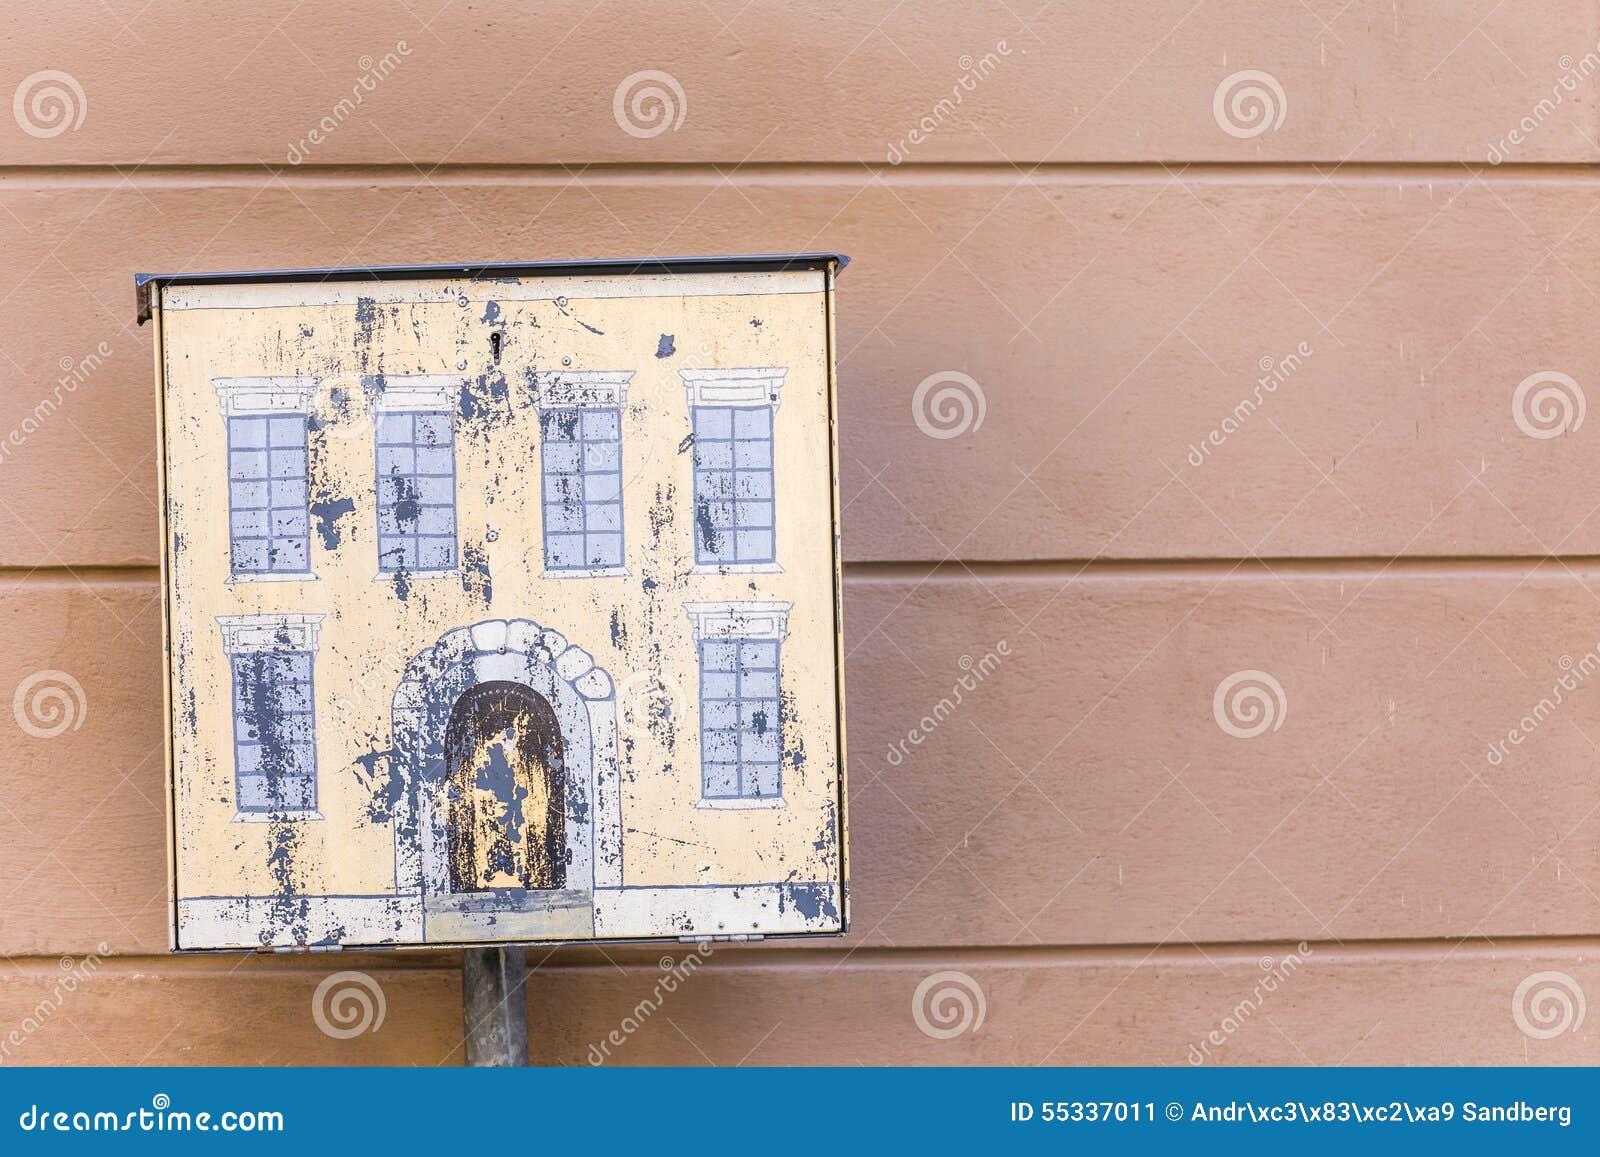 Chambre Jaune De Boîte Aux Lettres Près De Mur Rose Image stock ...